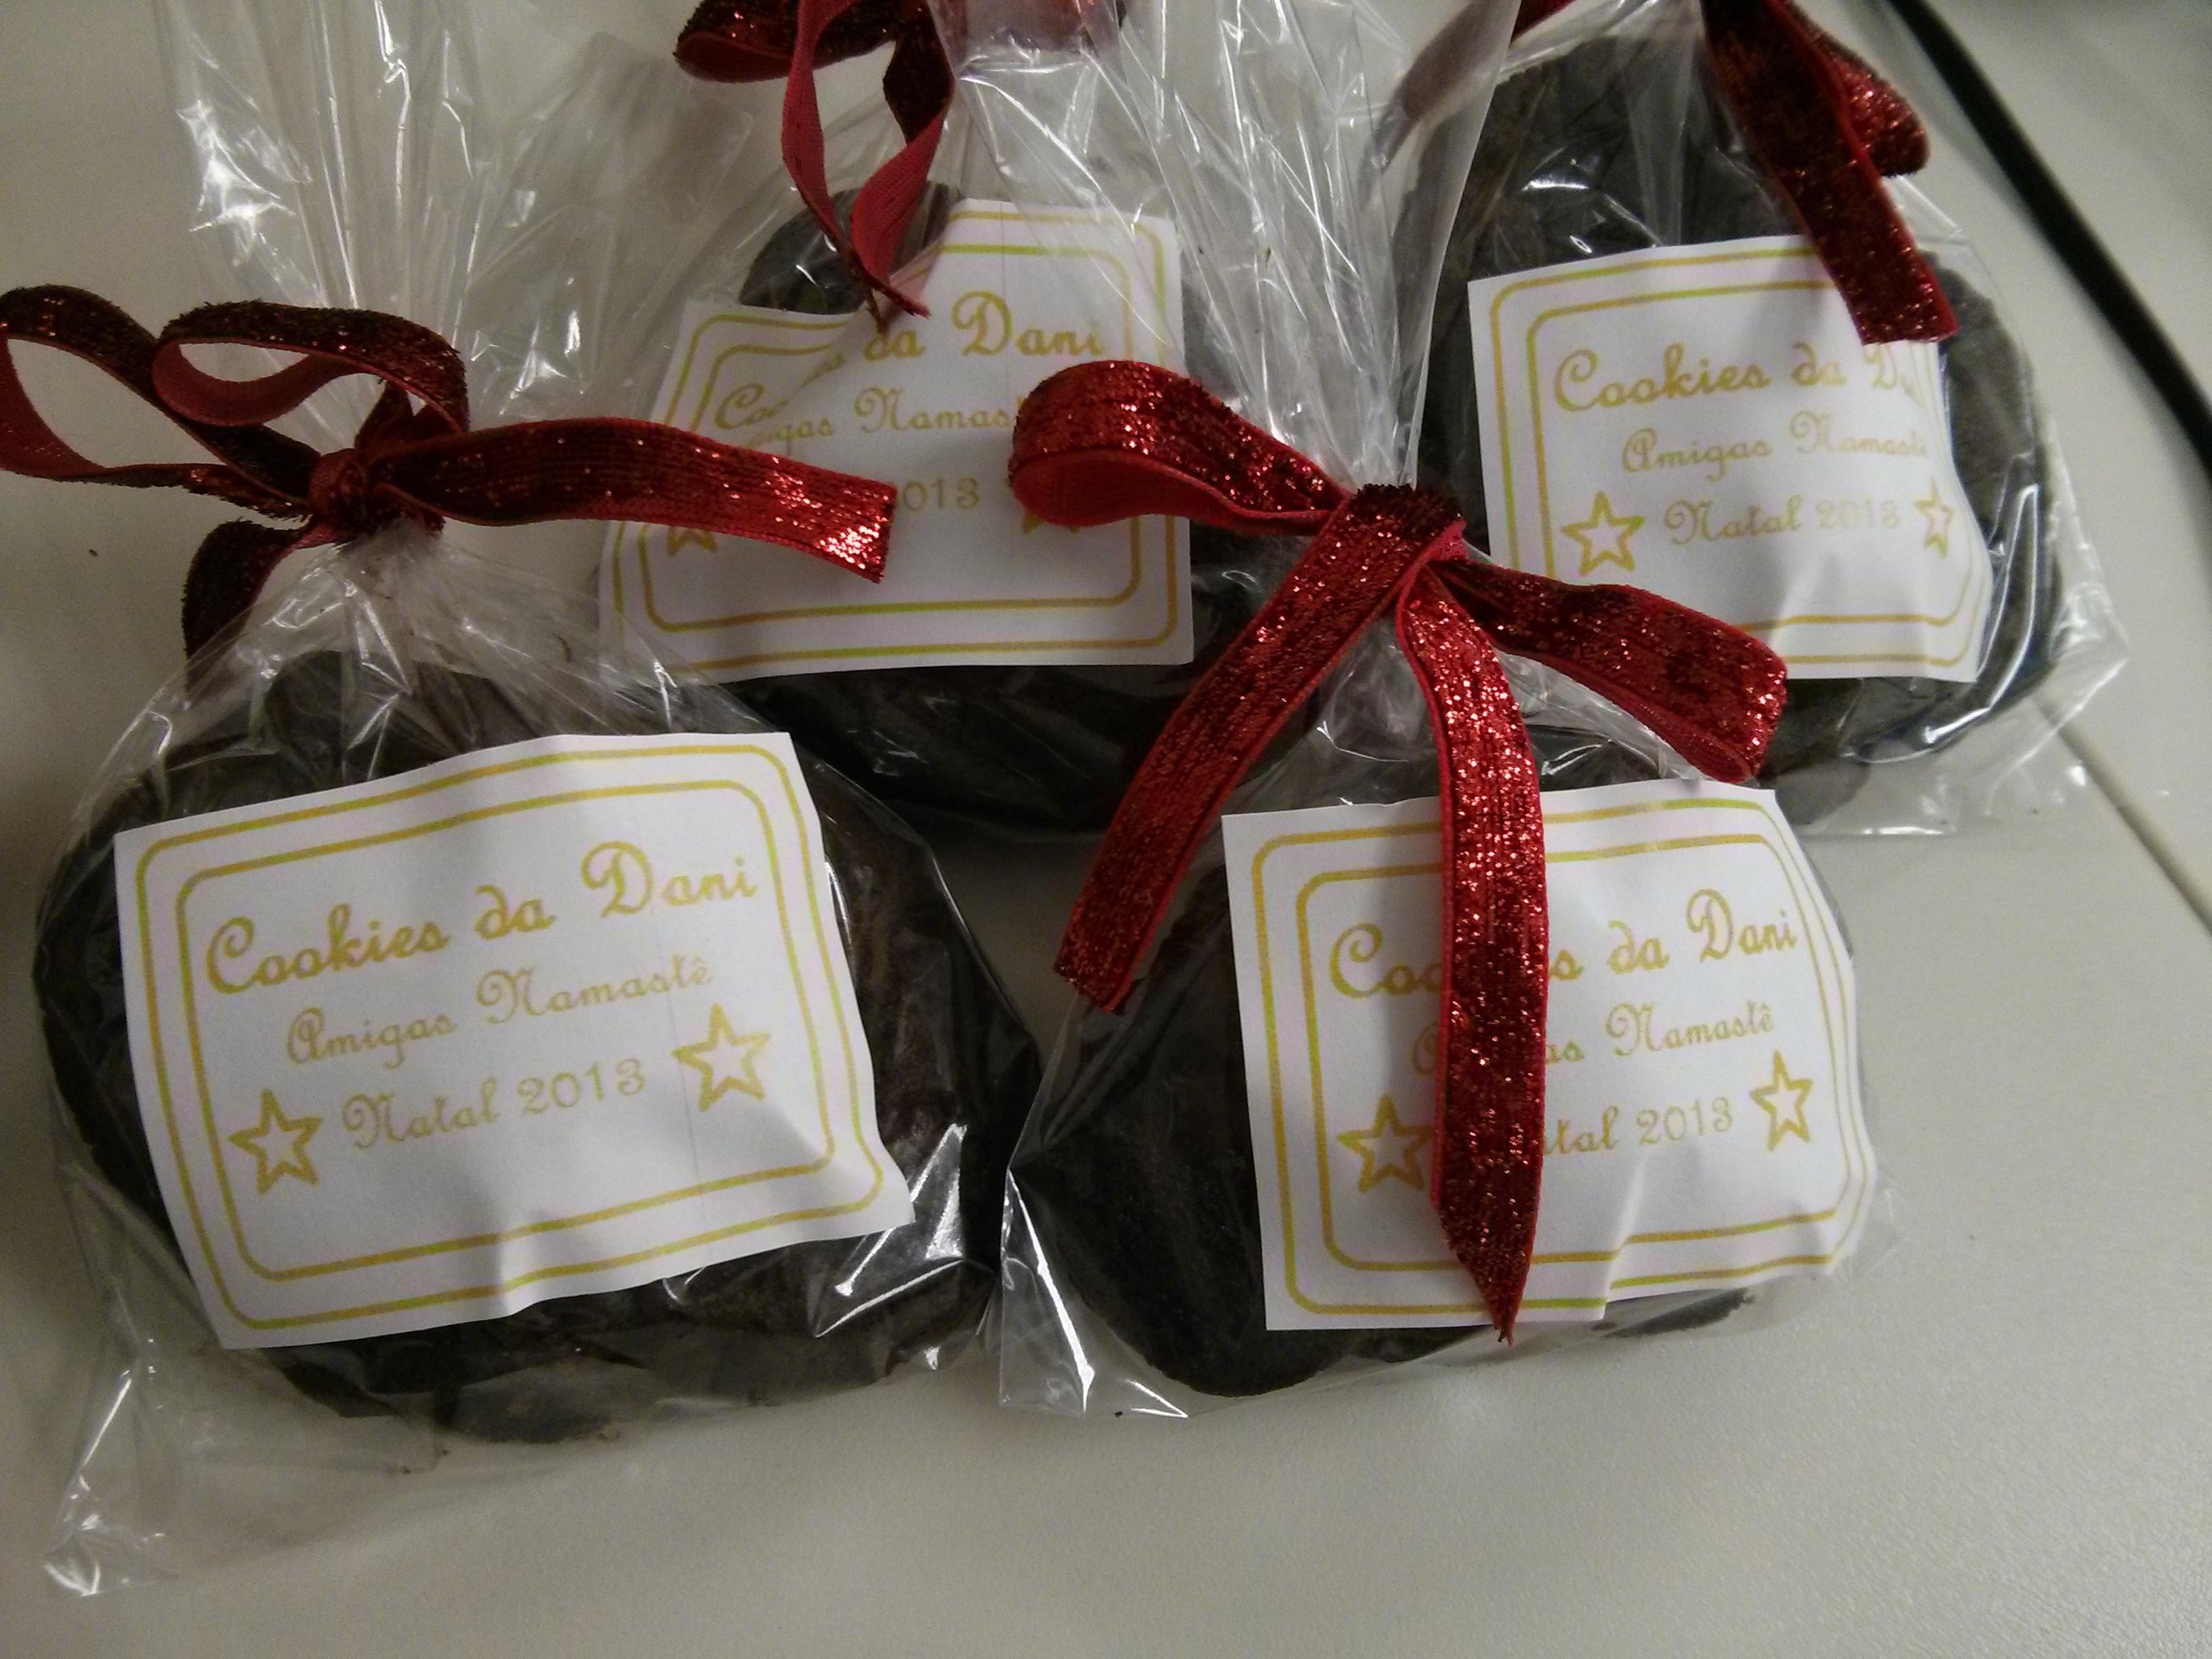 Cookies de chocolate da Dani – Ops, da Nigella